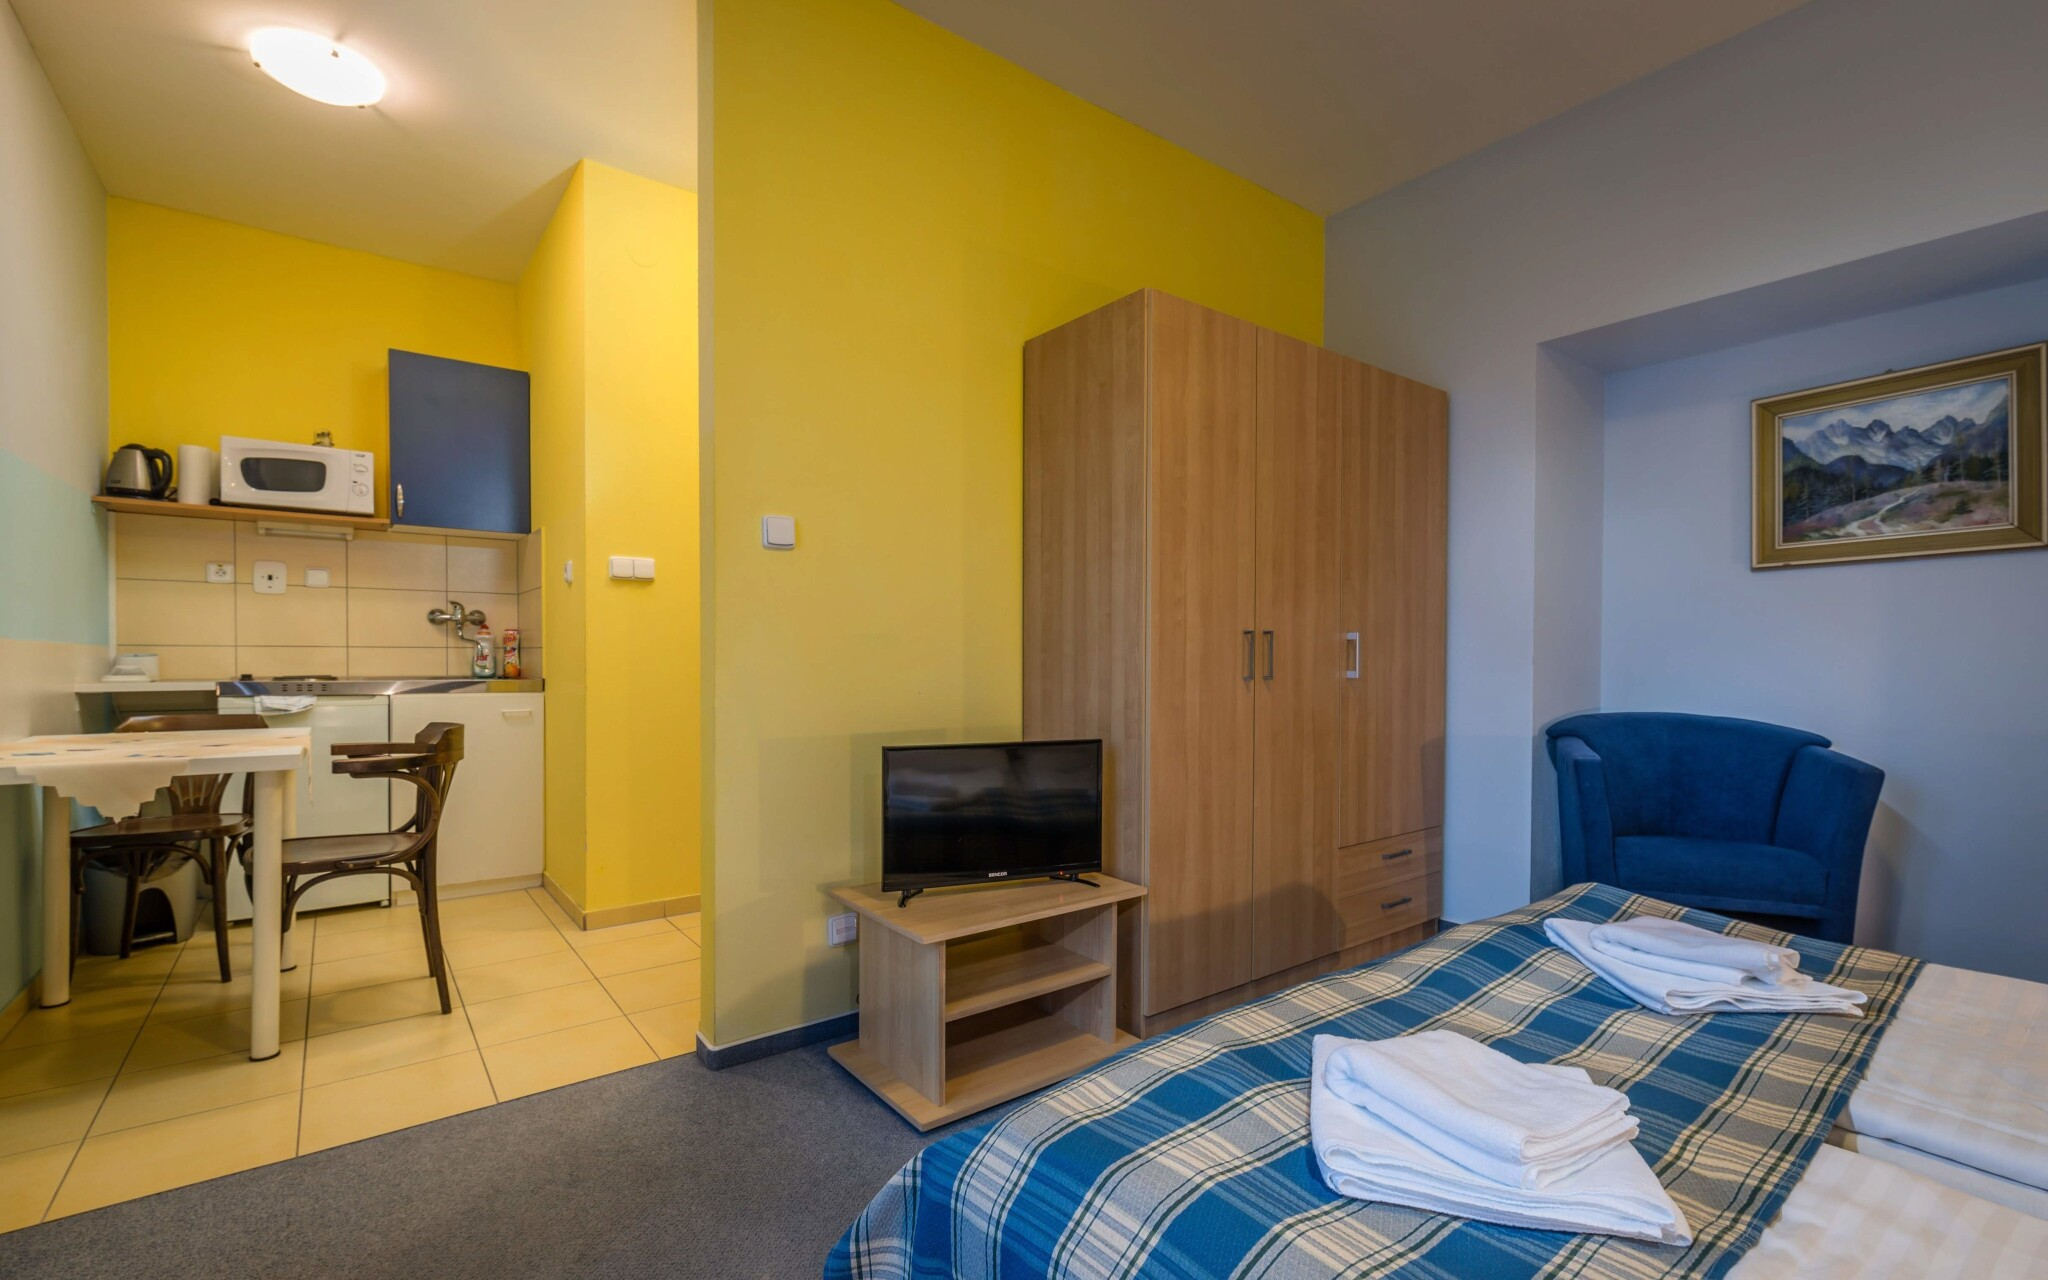 Studio s balkonem pro dvě osoby, ložnice a kuchyňka